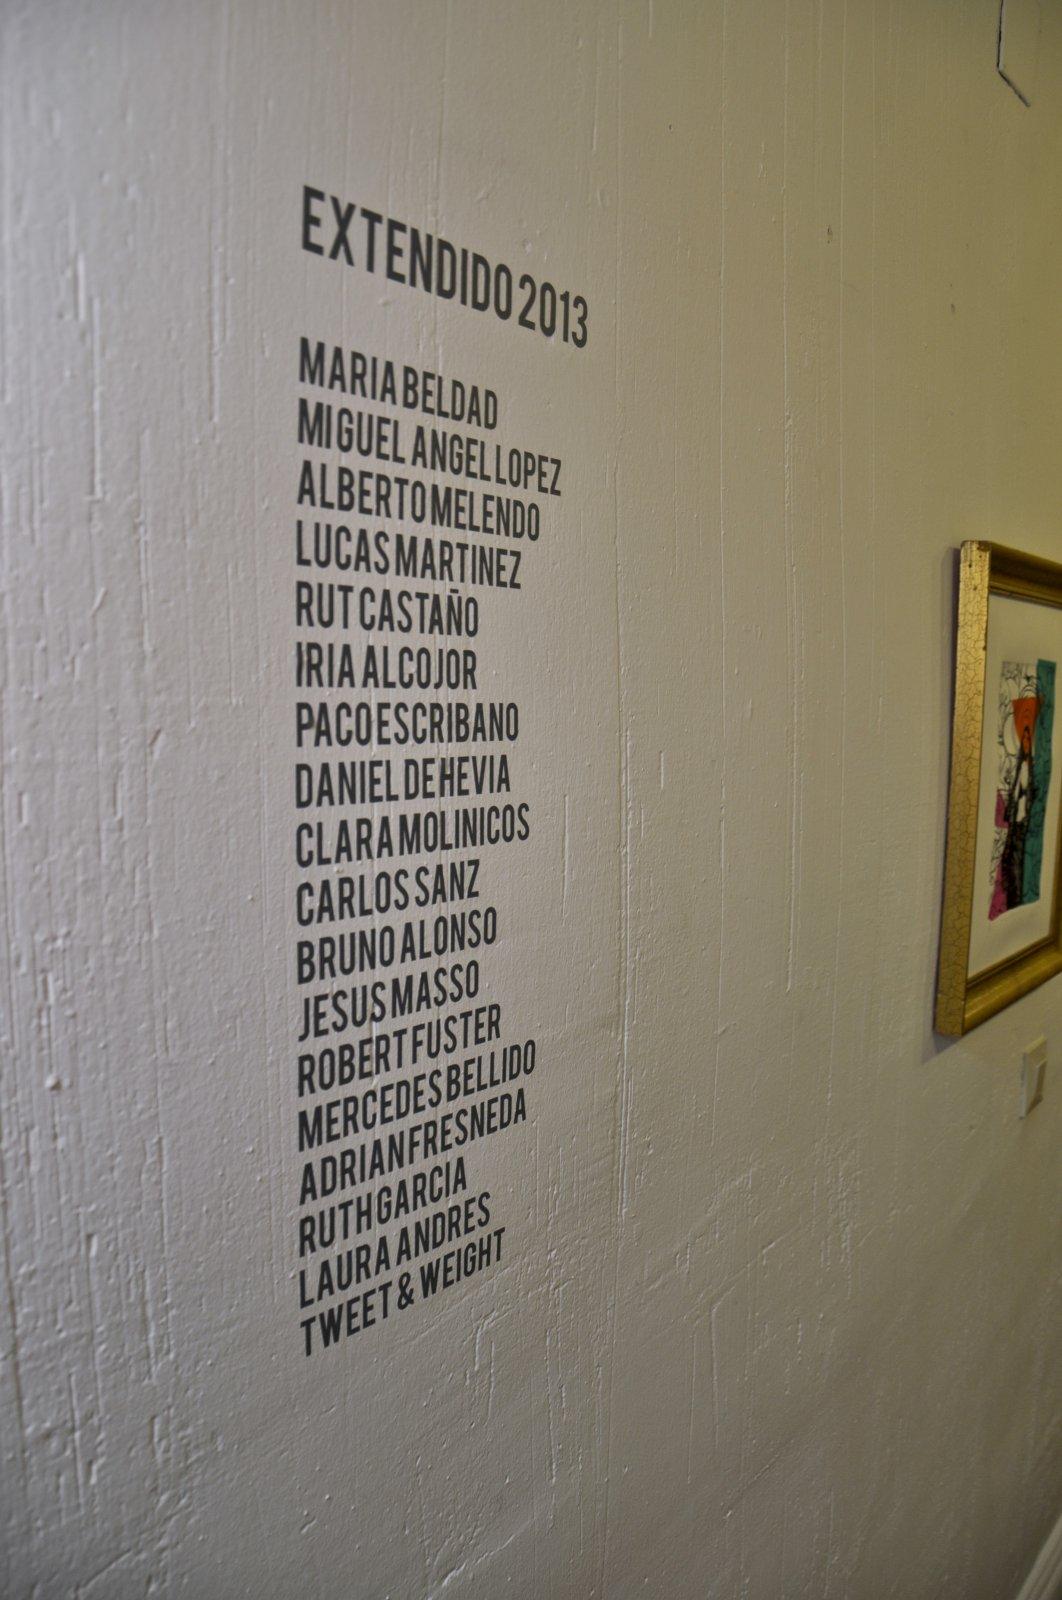 14. Nombre de los artistas participantes en Extendido 2013.